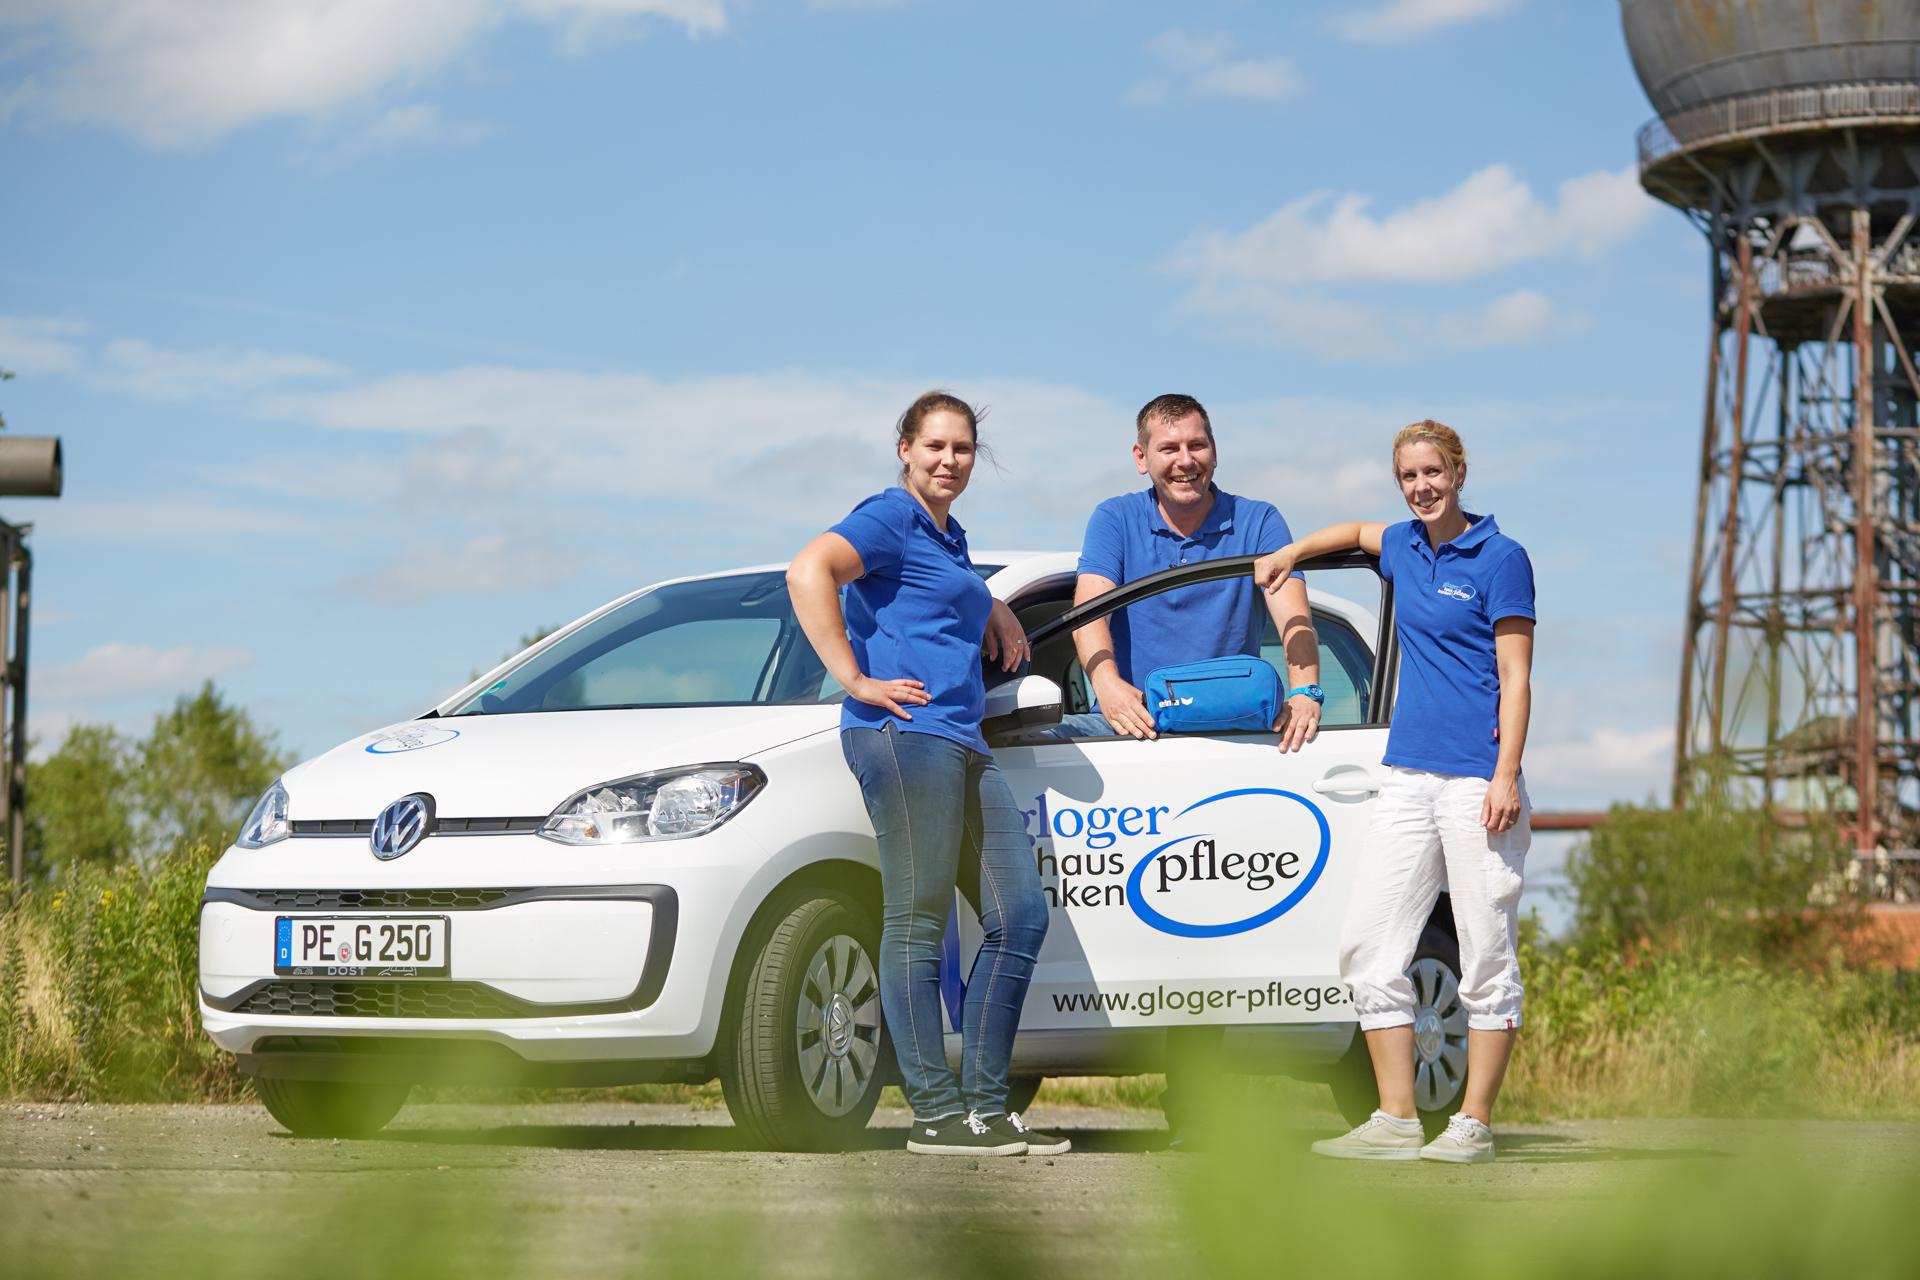 Stefanie Warwel, Enrico Schöber und Patricia Wilke vor Gloger Firmenfahrzeug